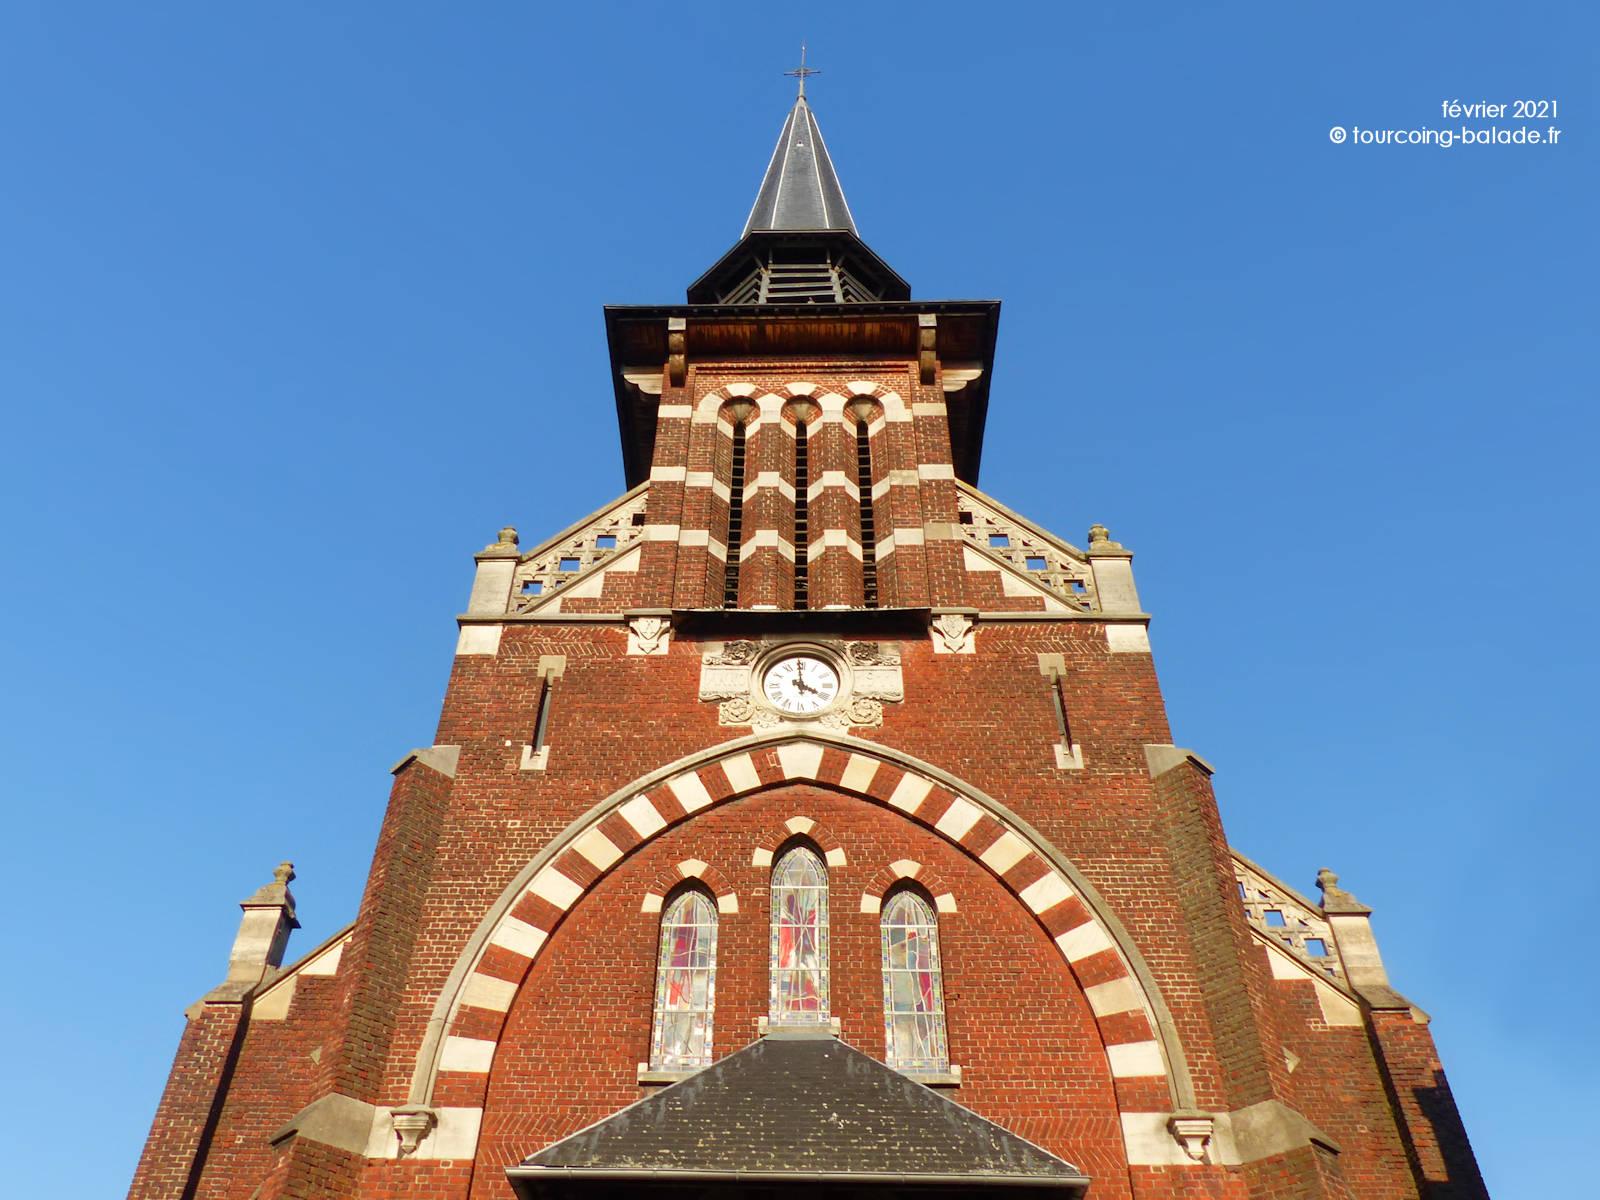 Église Notre-Dame de la Consolation, Tourcoing